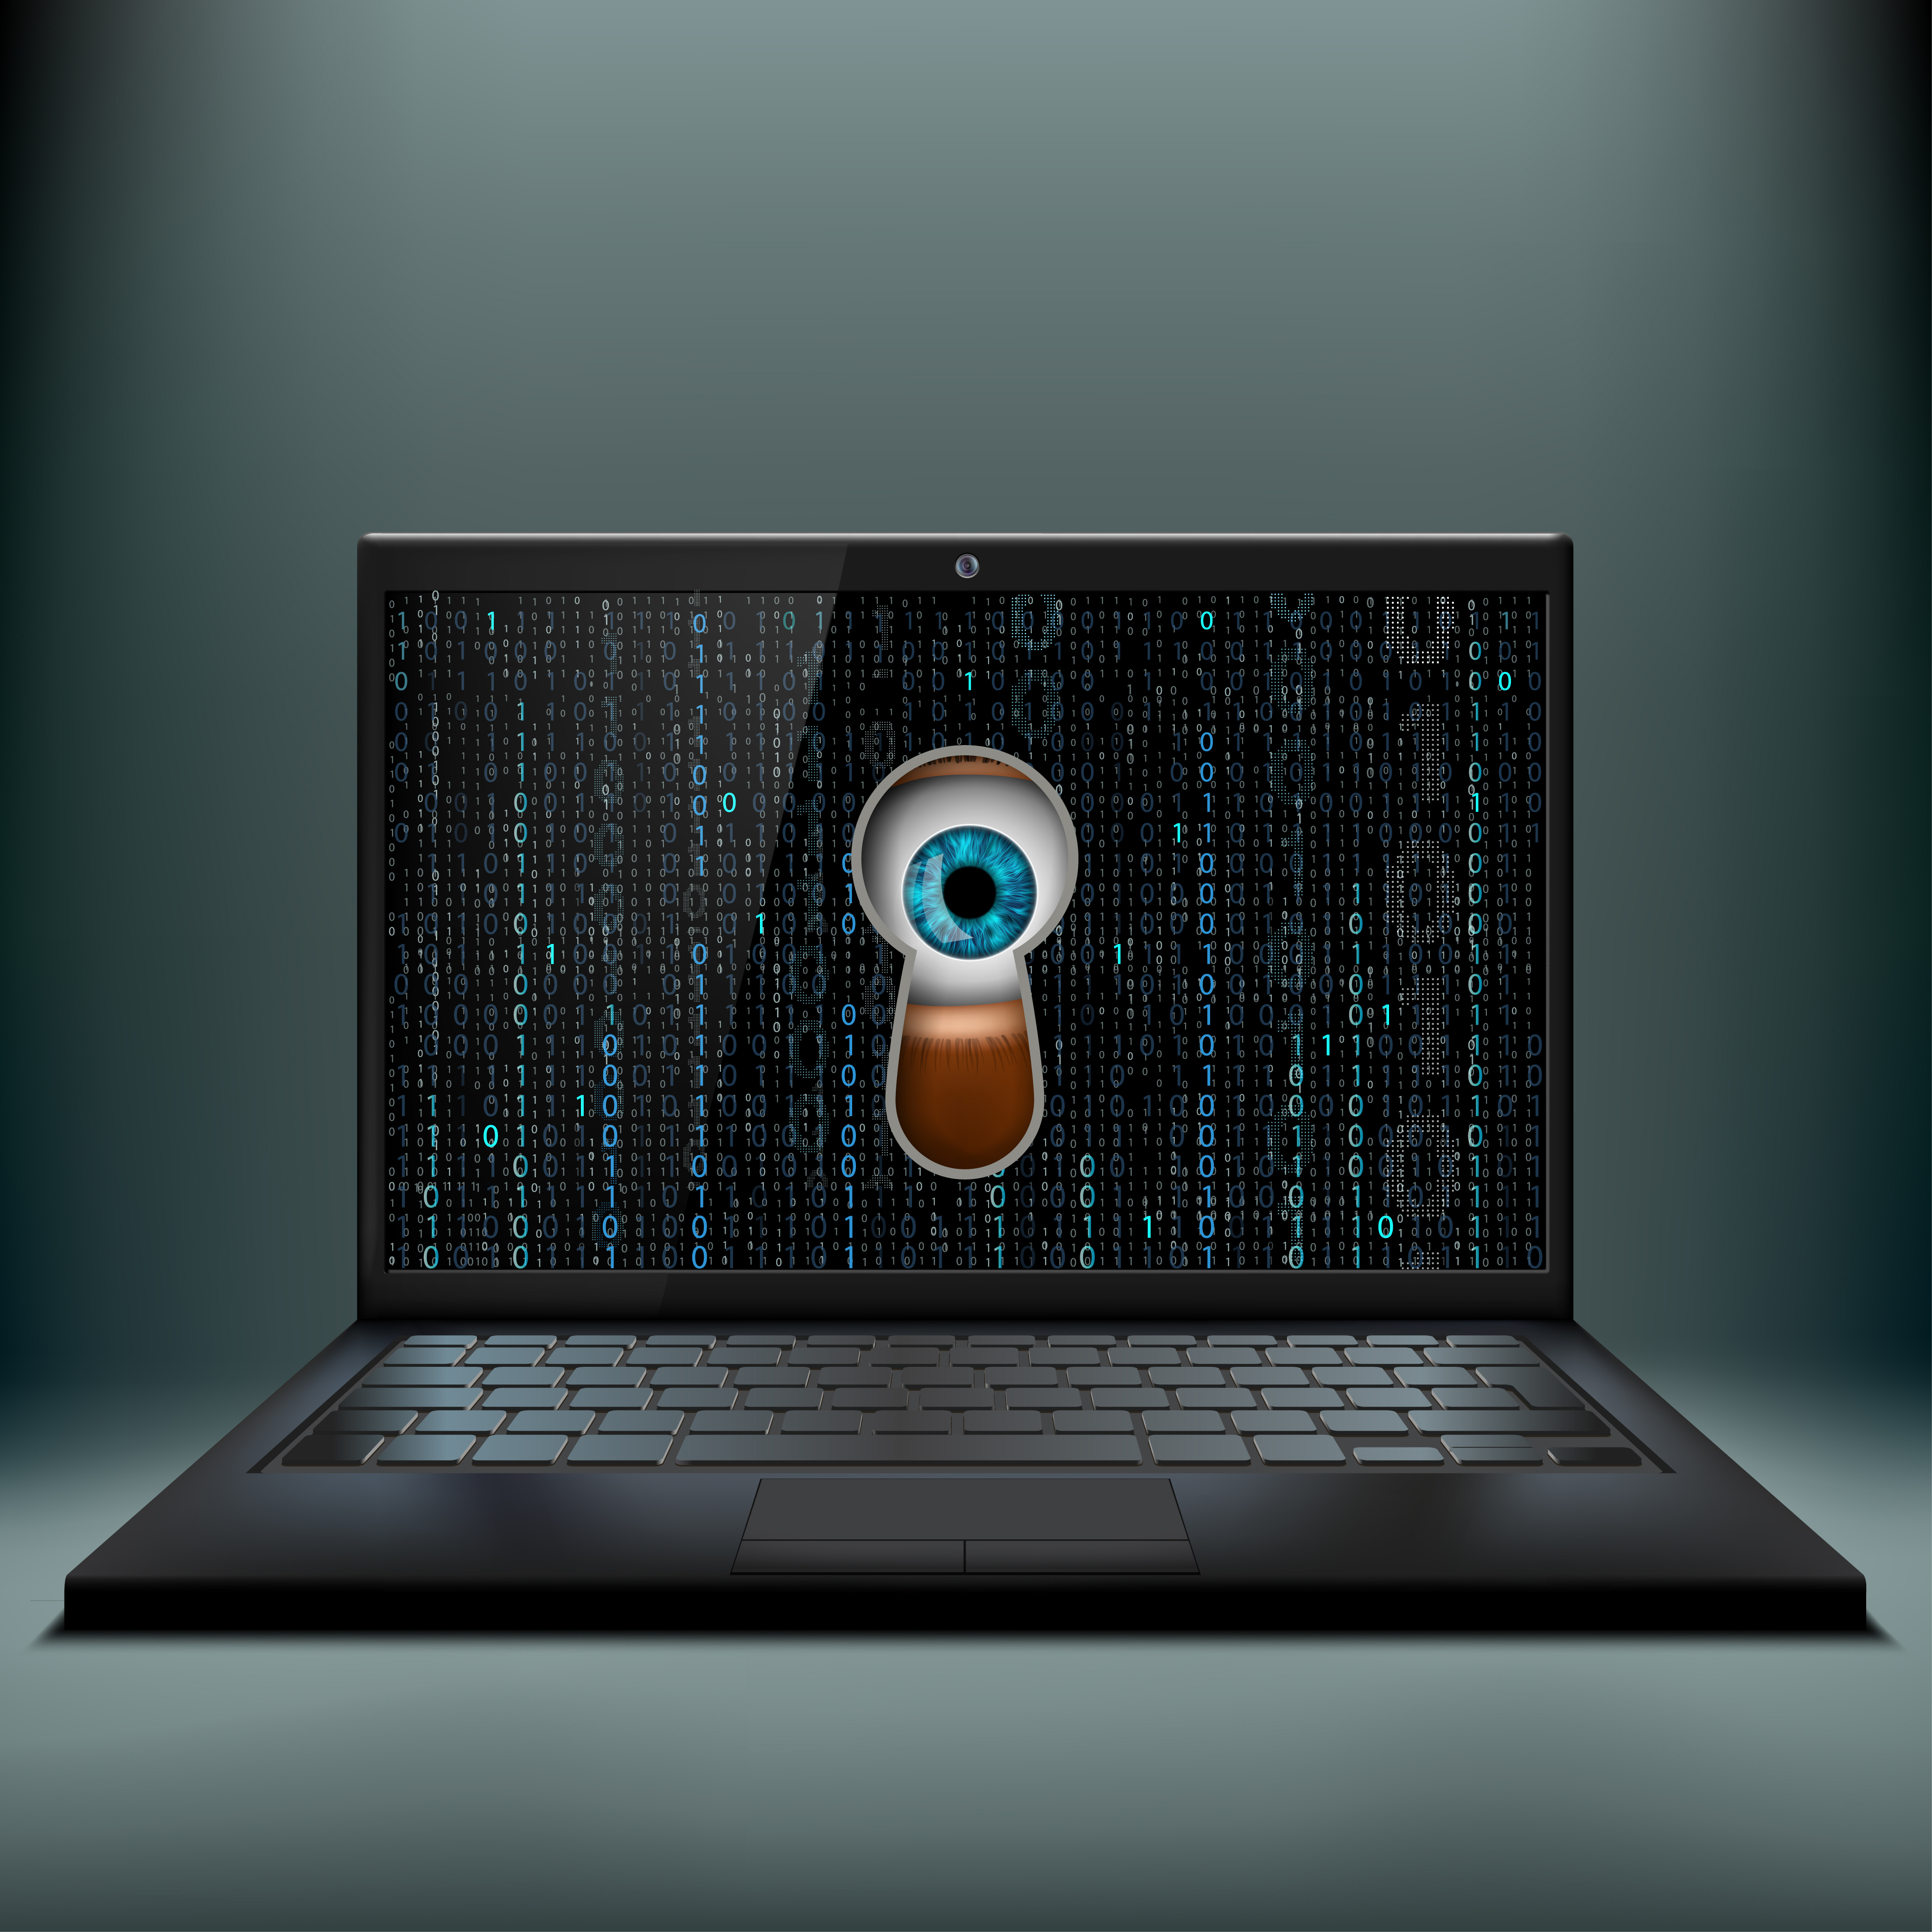 Sledování přes webkameru